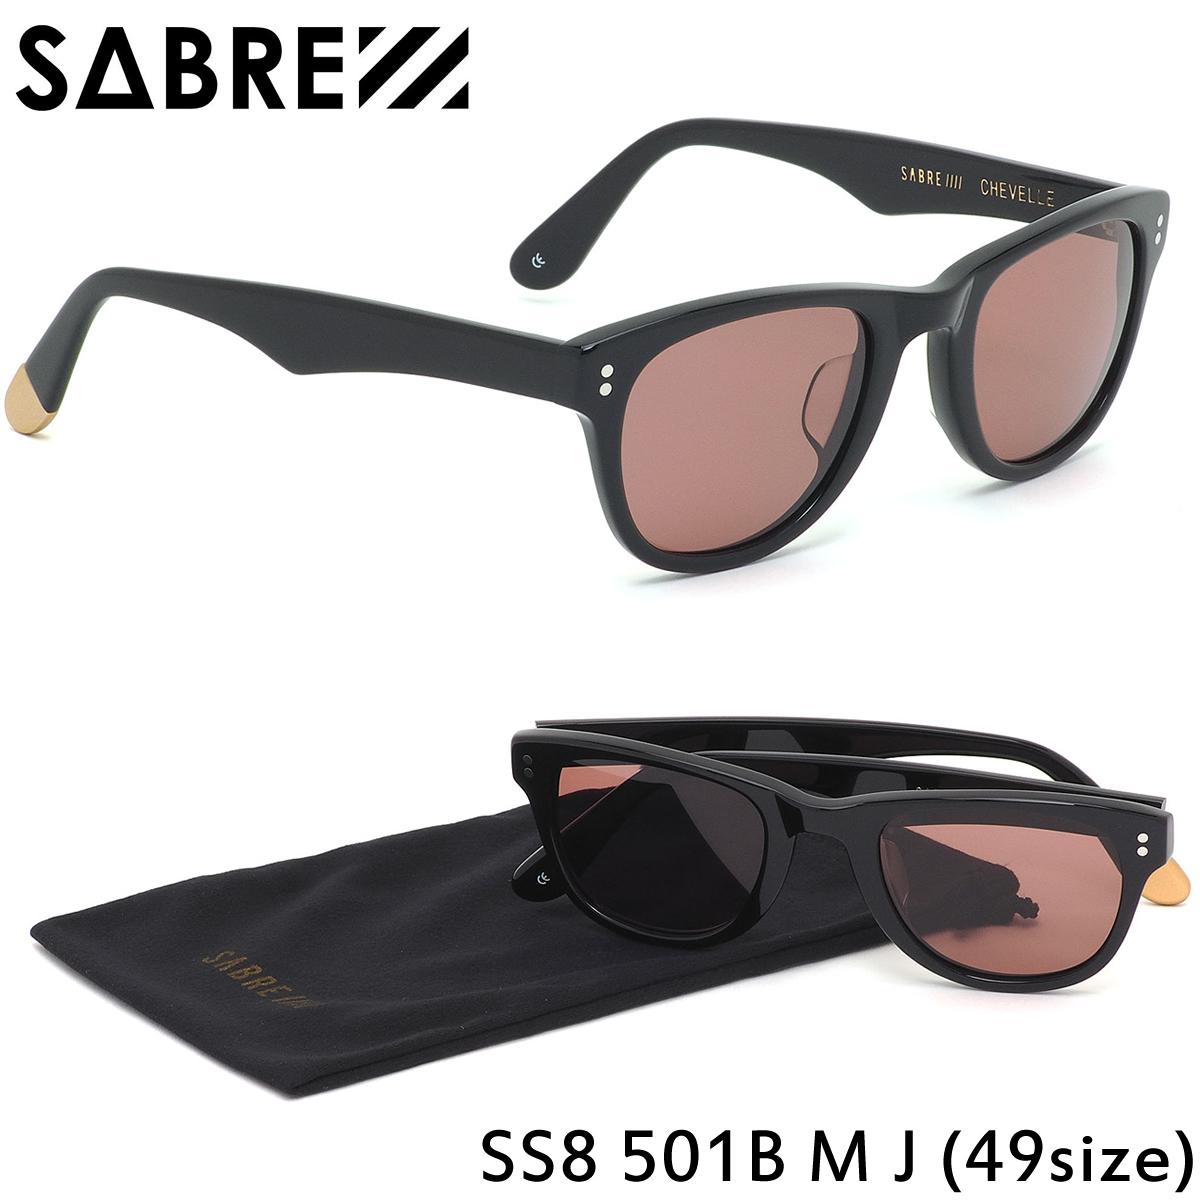 セイバー SABRE サングラス SS8-501 B-M-J 49サイズ CHEVELLE シェヴェル ウェリントン シンプル モダン ヴィンテージ トレンド メンズ レディース